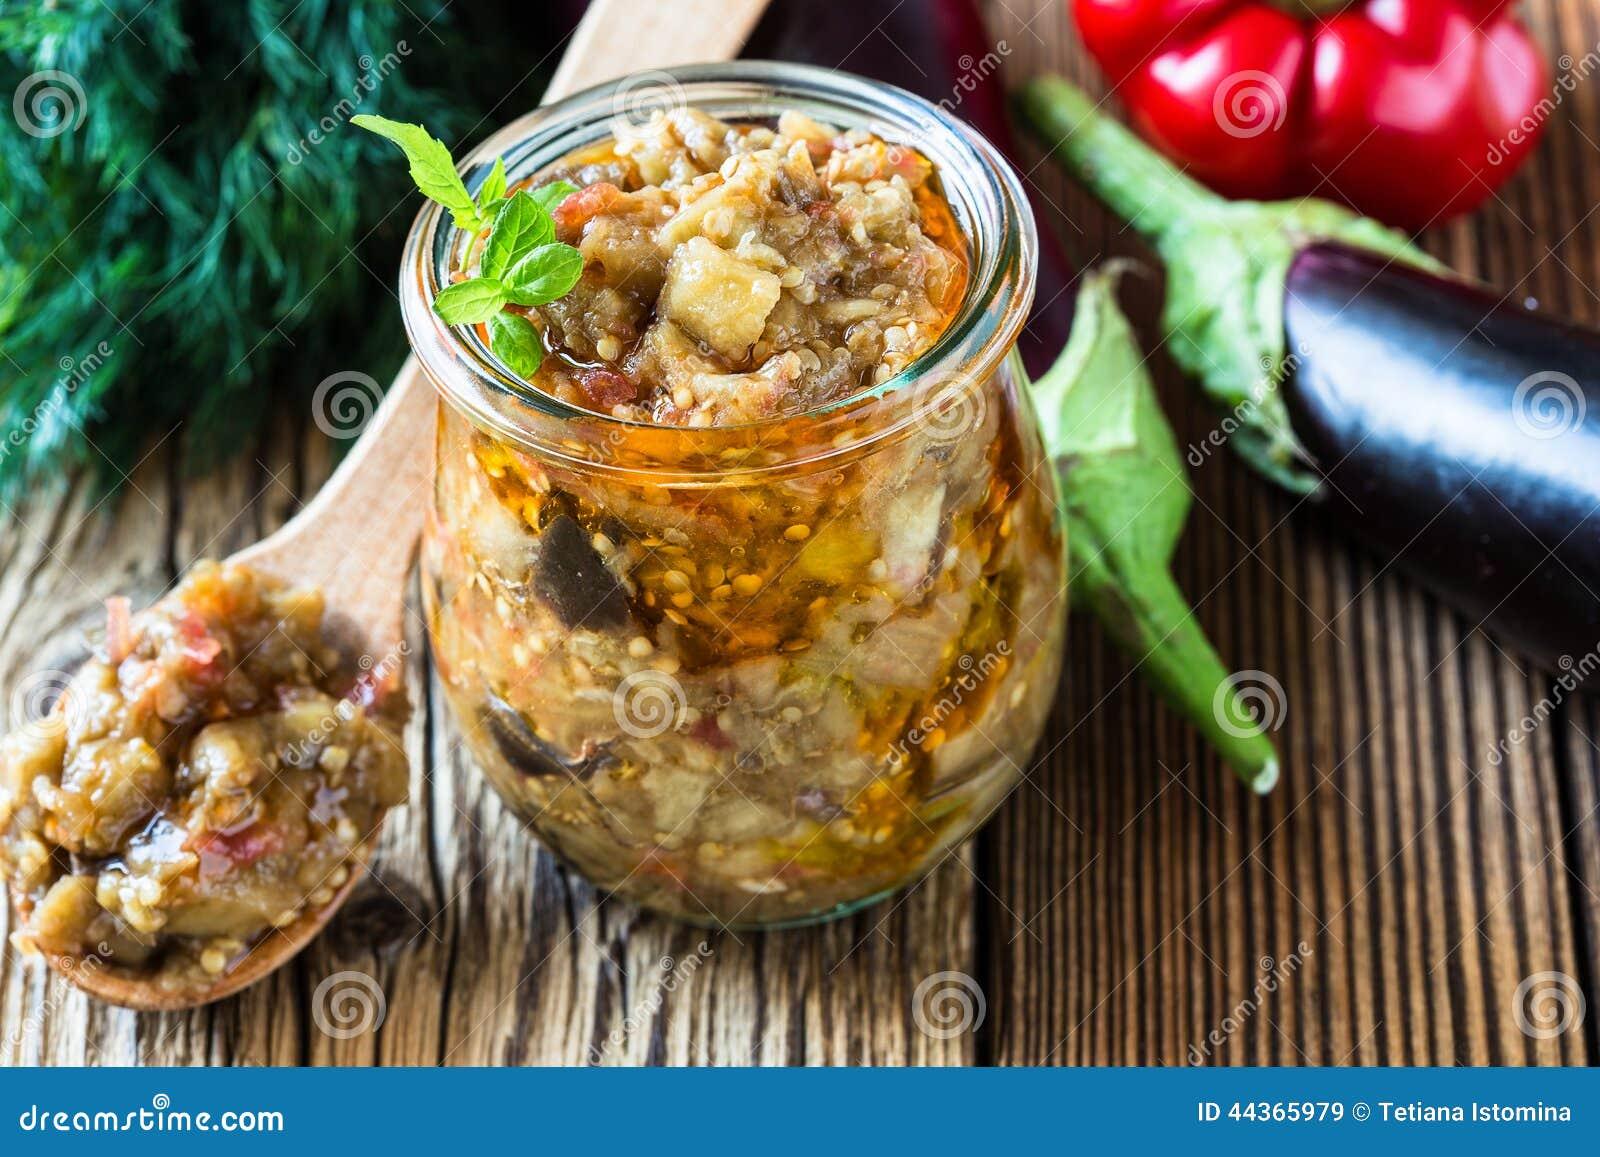 Conserve d 39 aubergine dans le pot en verre photo stock for Aubergines en conserve maison